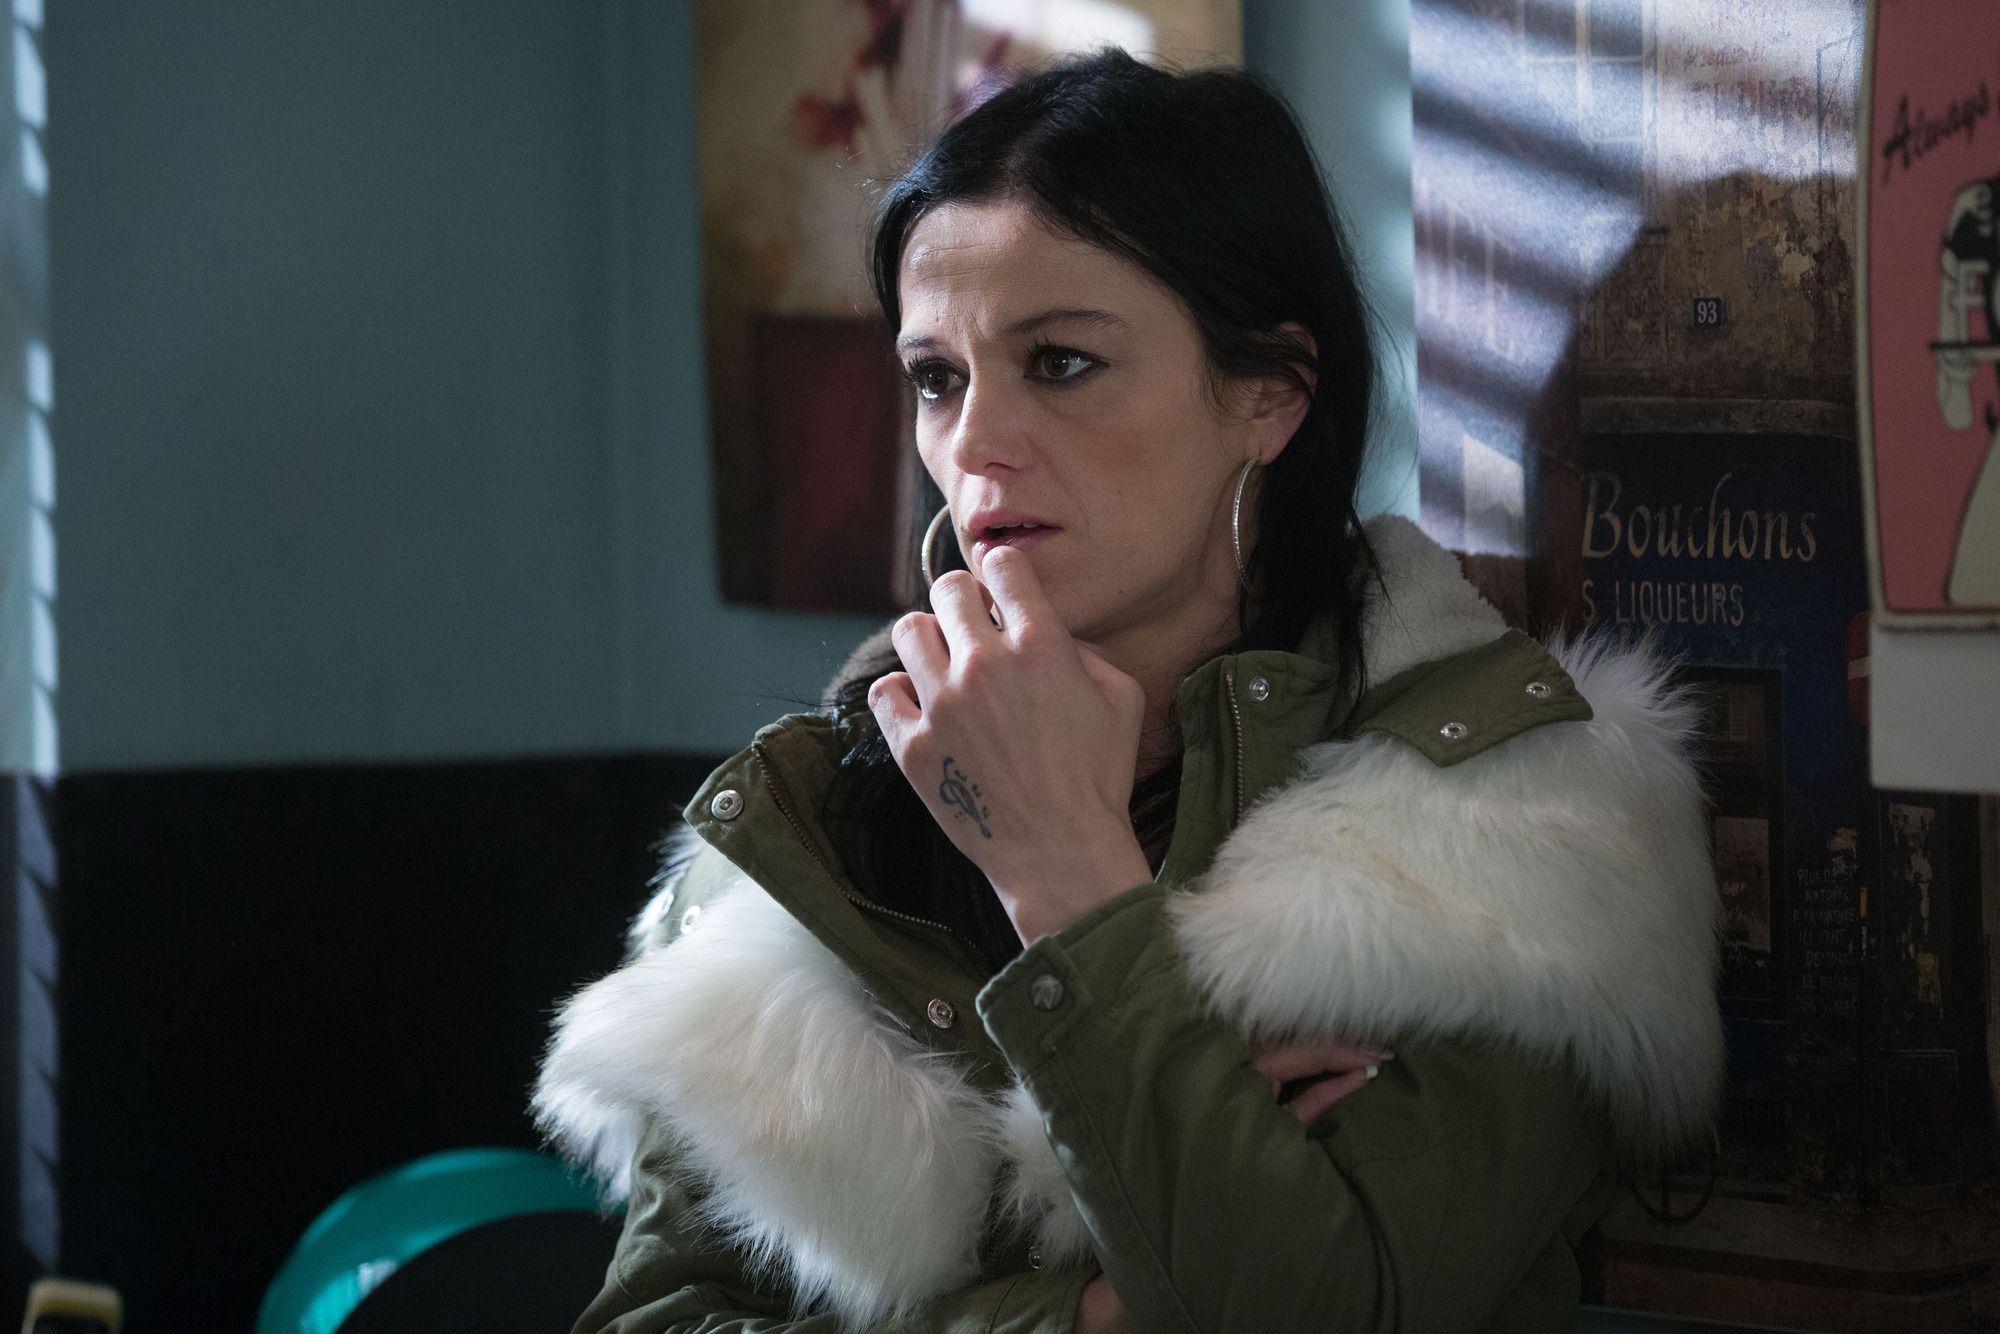 Hayley Slater drops Jean in it in EastEnders